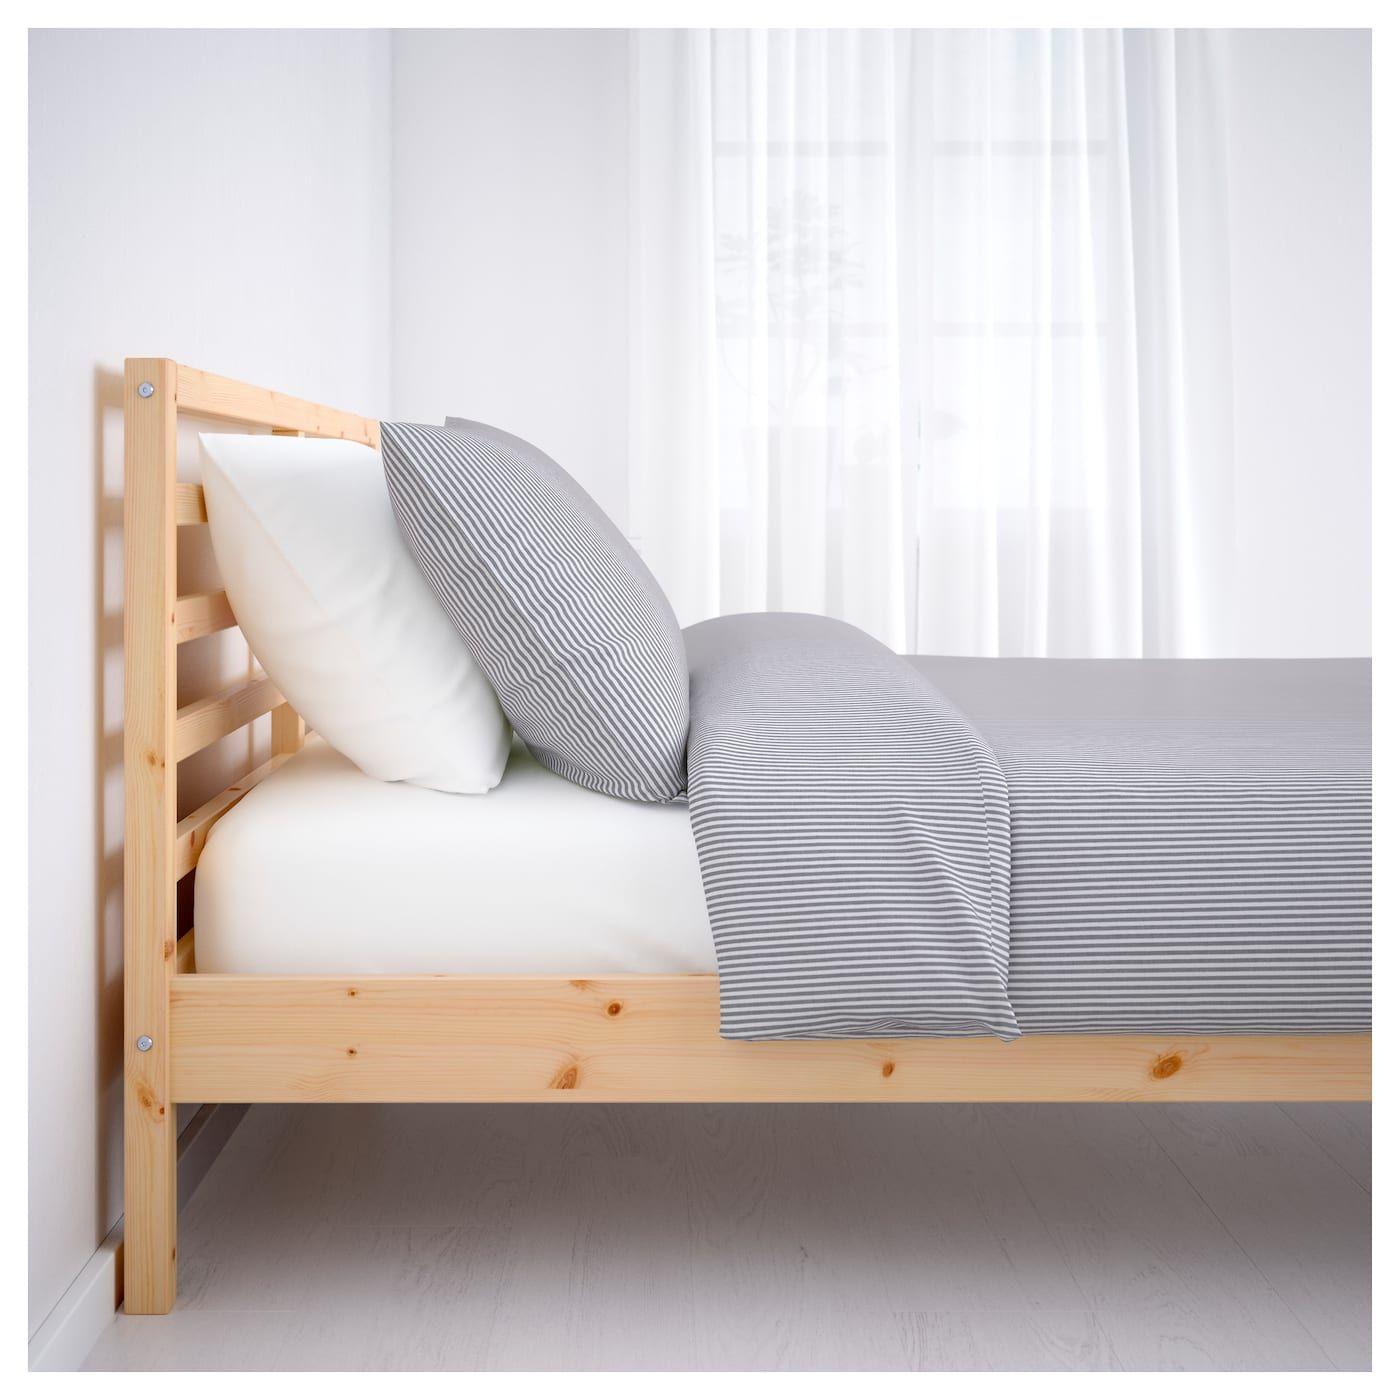 Tarva Bedframe Grenen 90x200 Cm Ikea Ikea Bett Gepolsterter Kopfteil Bettgestell